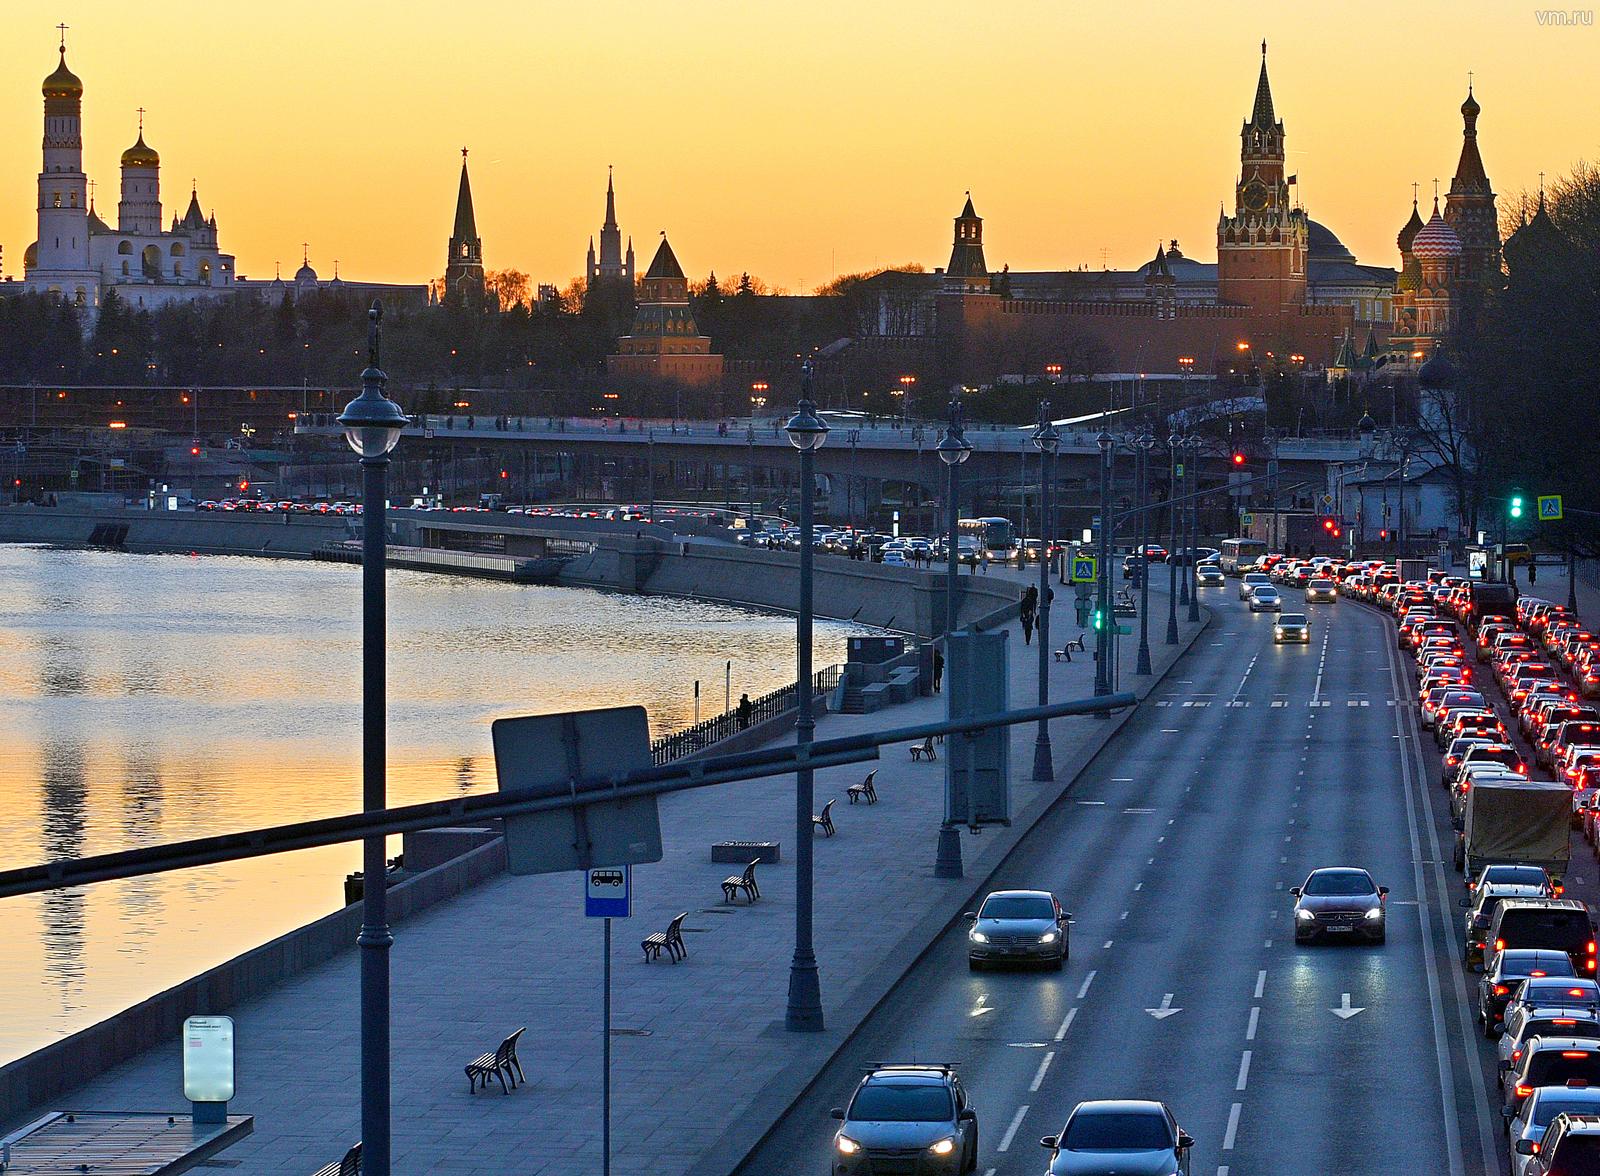 Обращение к водителям появилось в пятницу / Александр Кожохин, «Вечерняя Москва»